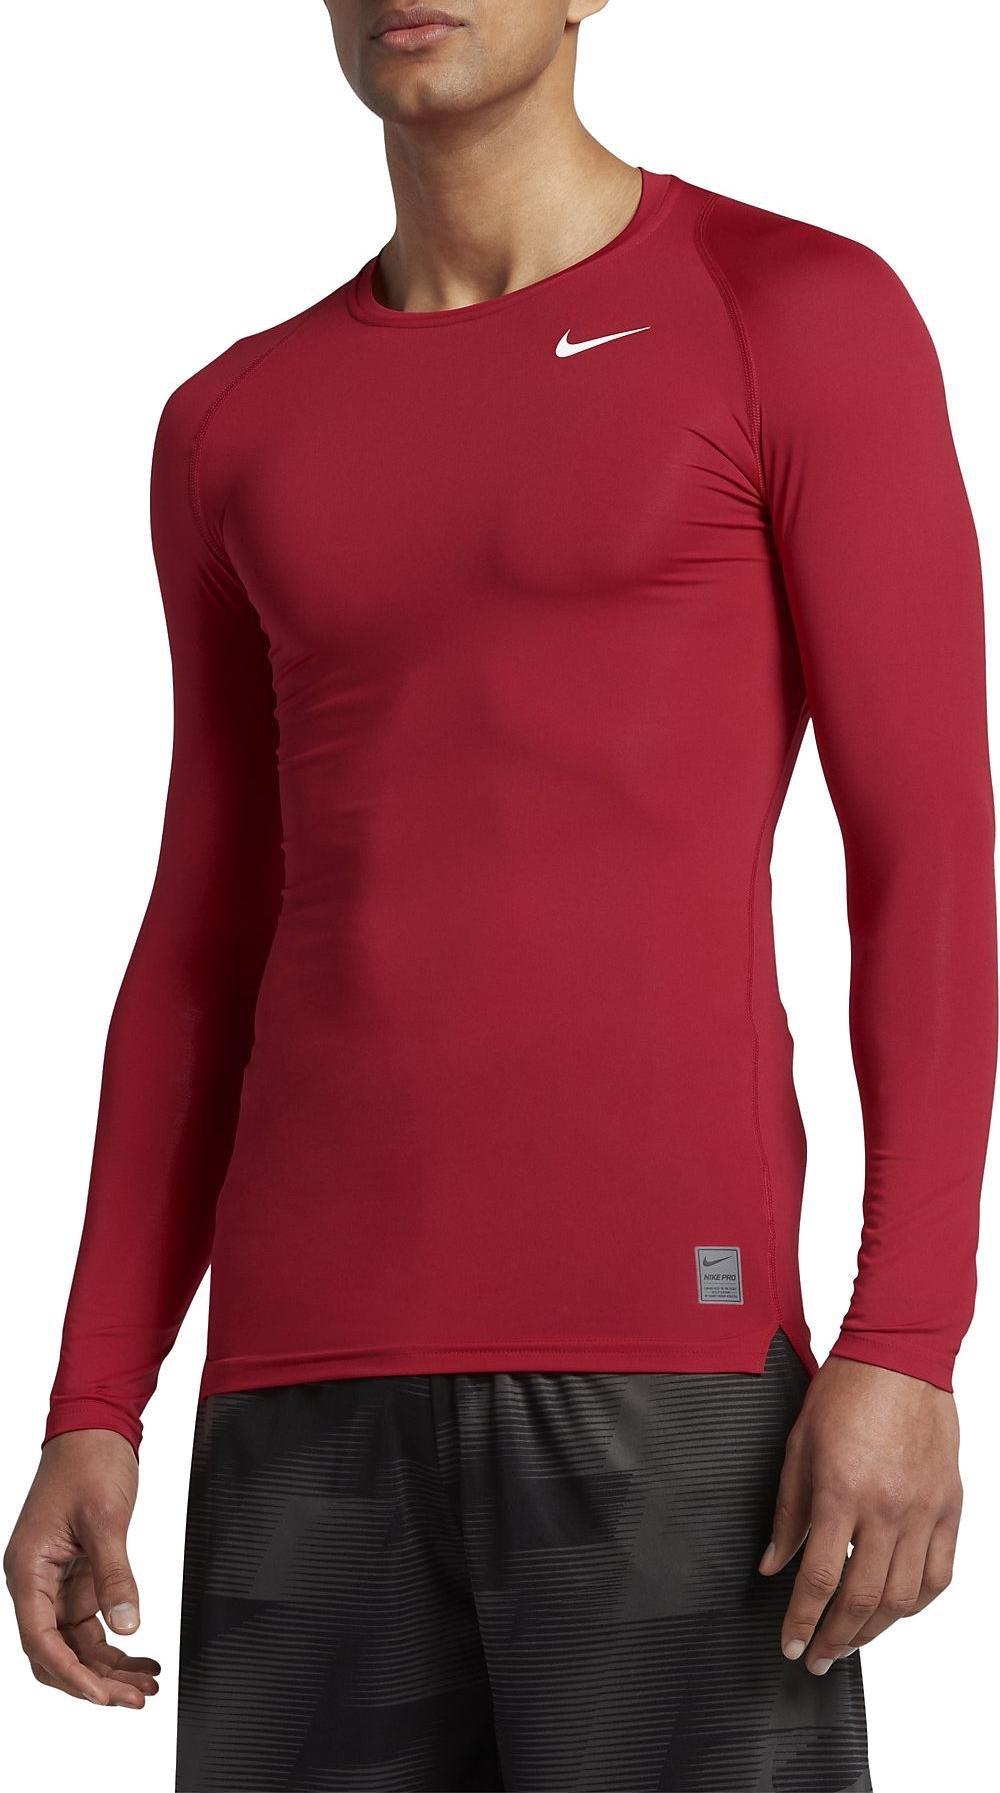 Puma Herren Core-Run Ls Hz Shirt